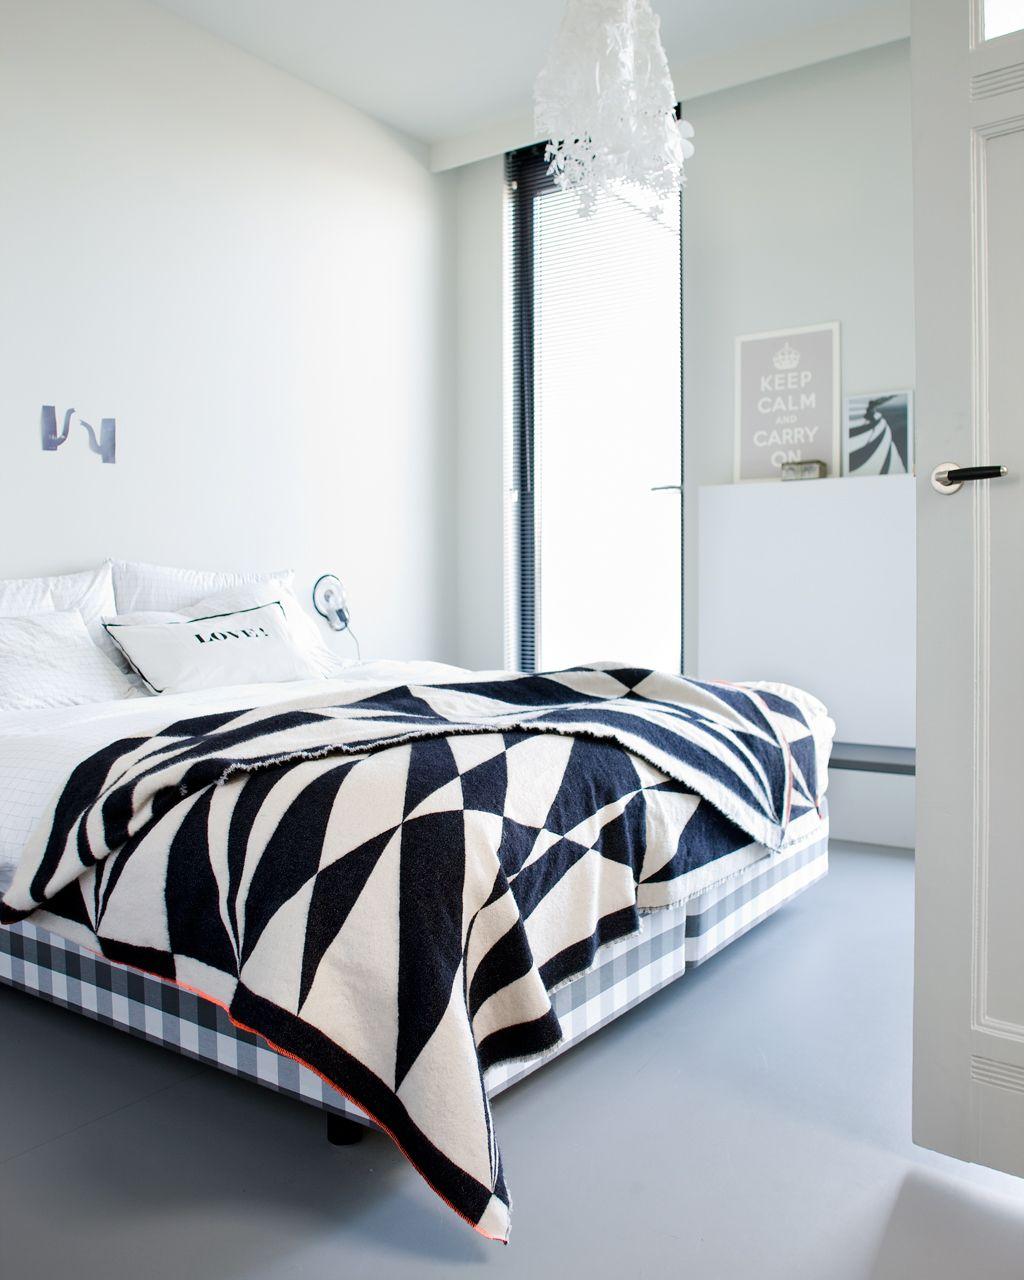 slaapkamer met zwart witte sprei vtwonen